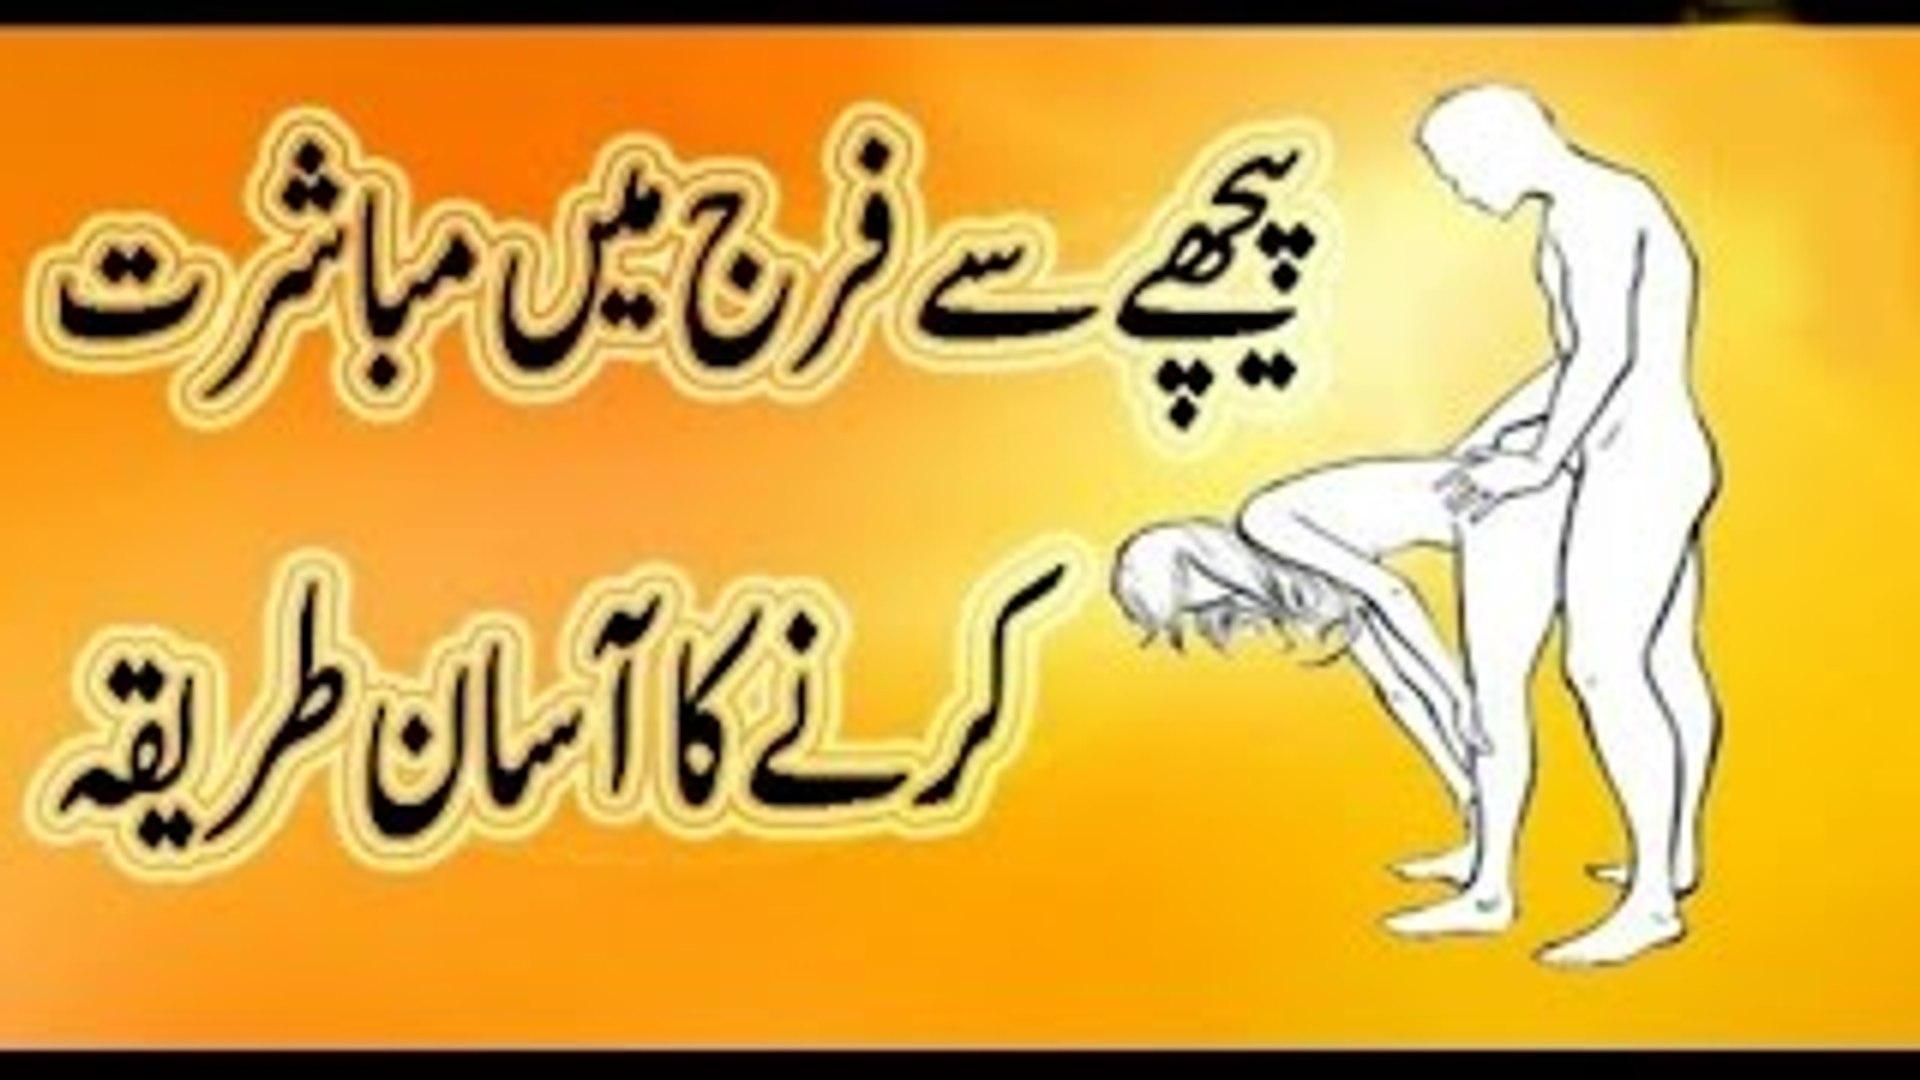 Biwi Aur Shohar Cafused Mubashrat Ka Sahi Tariqa video In Urdu 2016